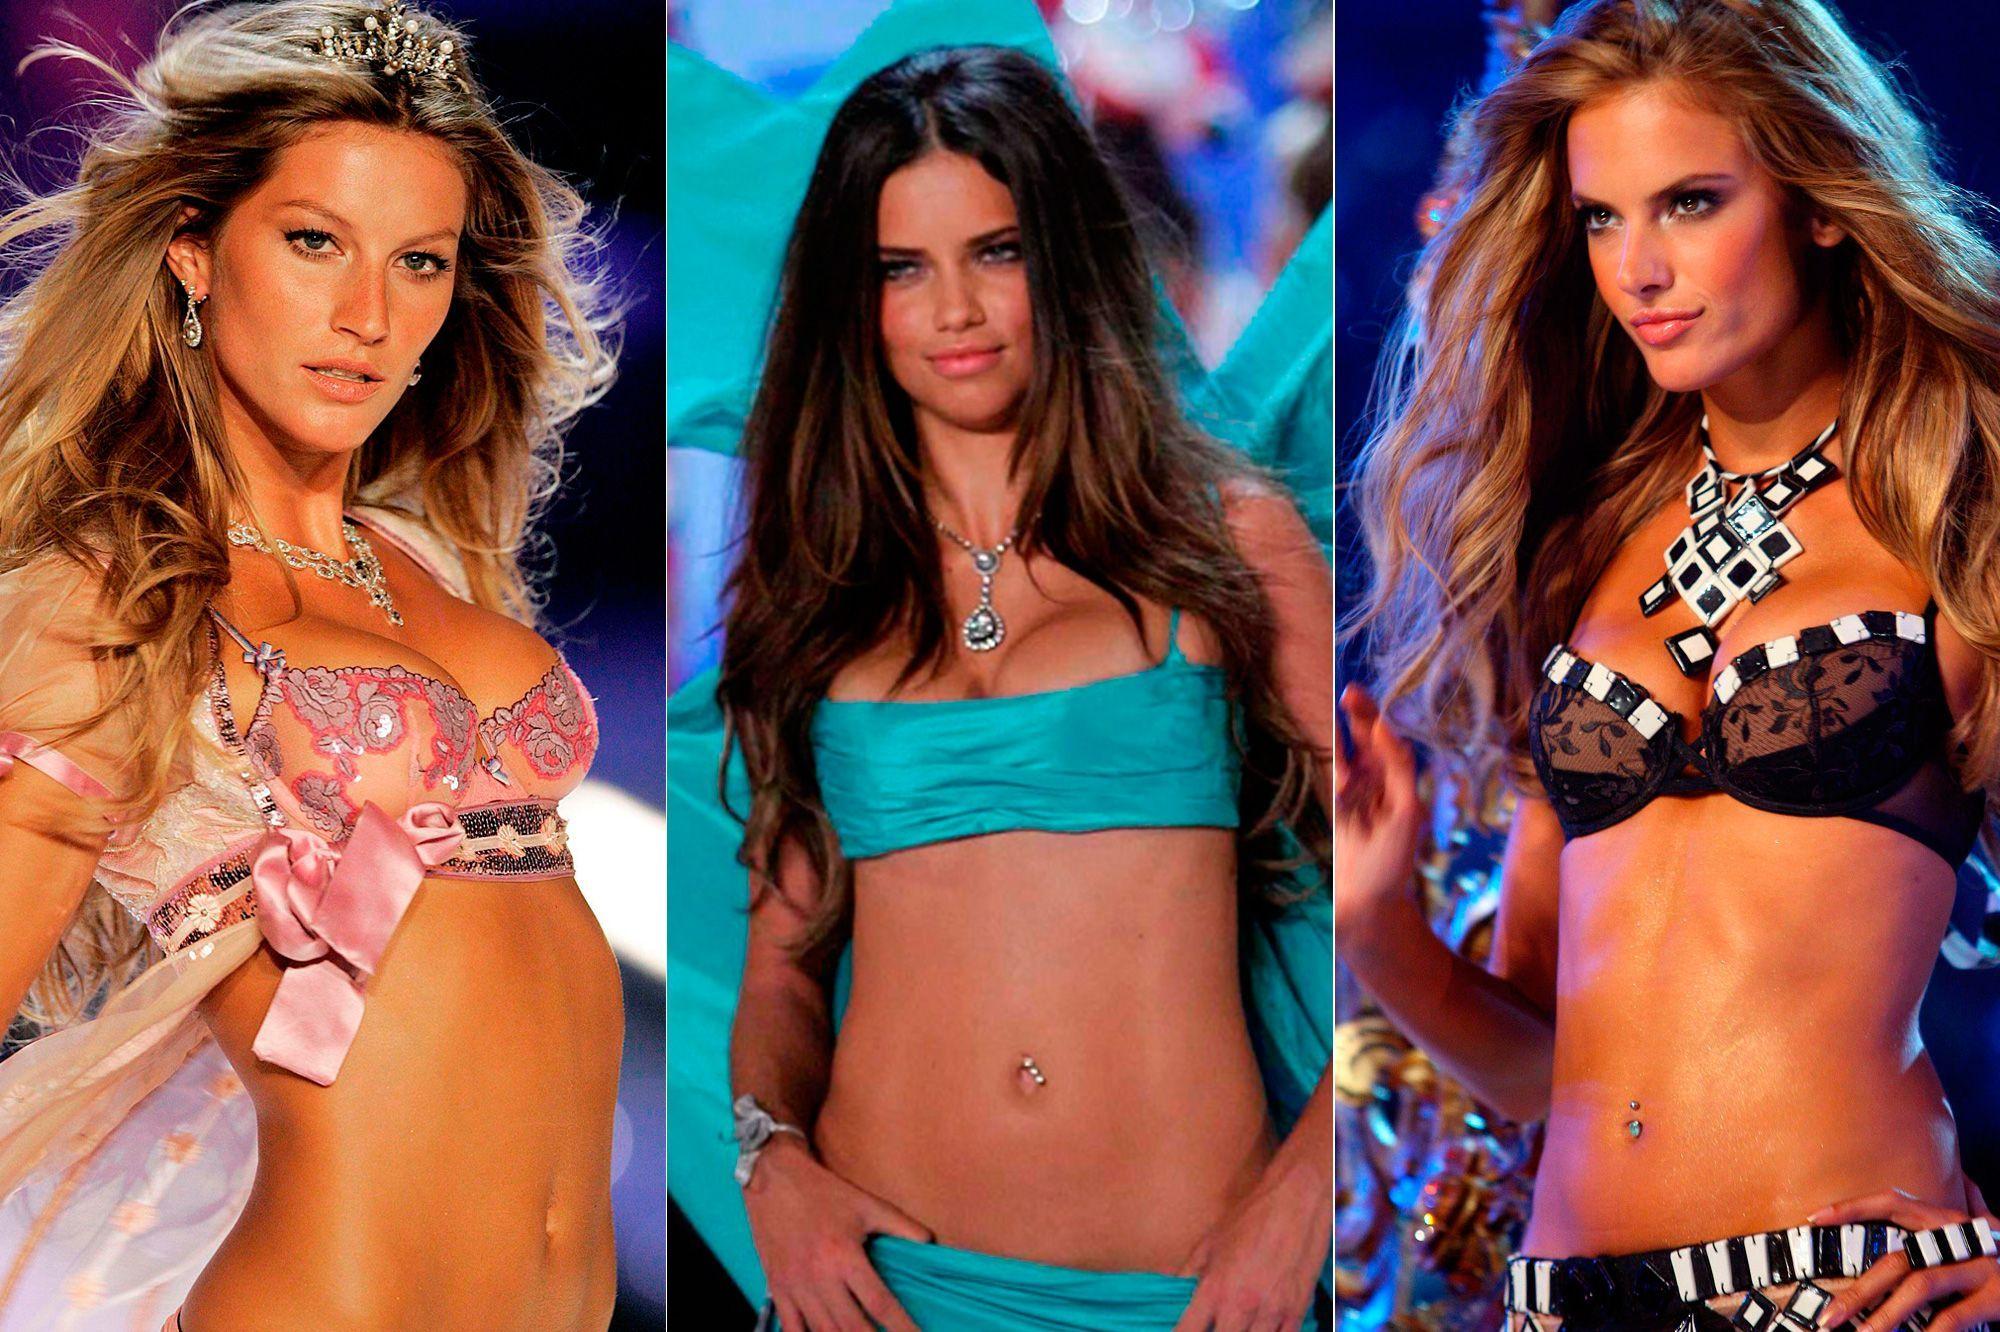 c1e9b87f0d Les 10 Anges emblématiques de Victoria's Secret